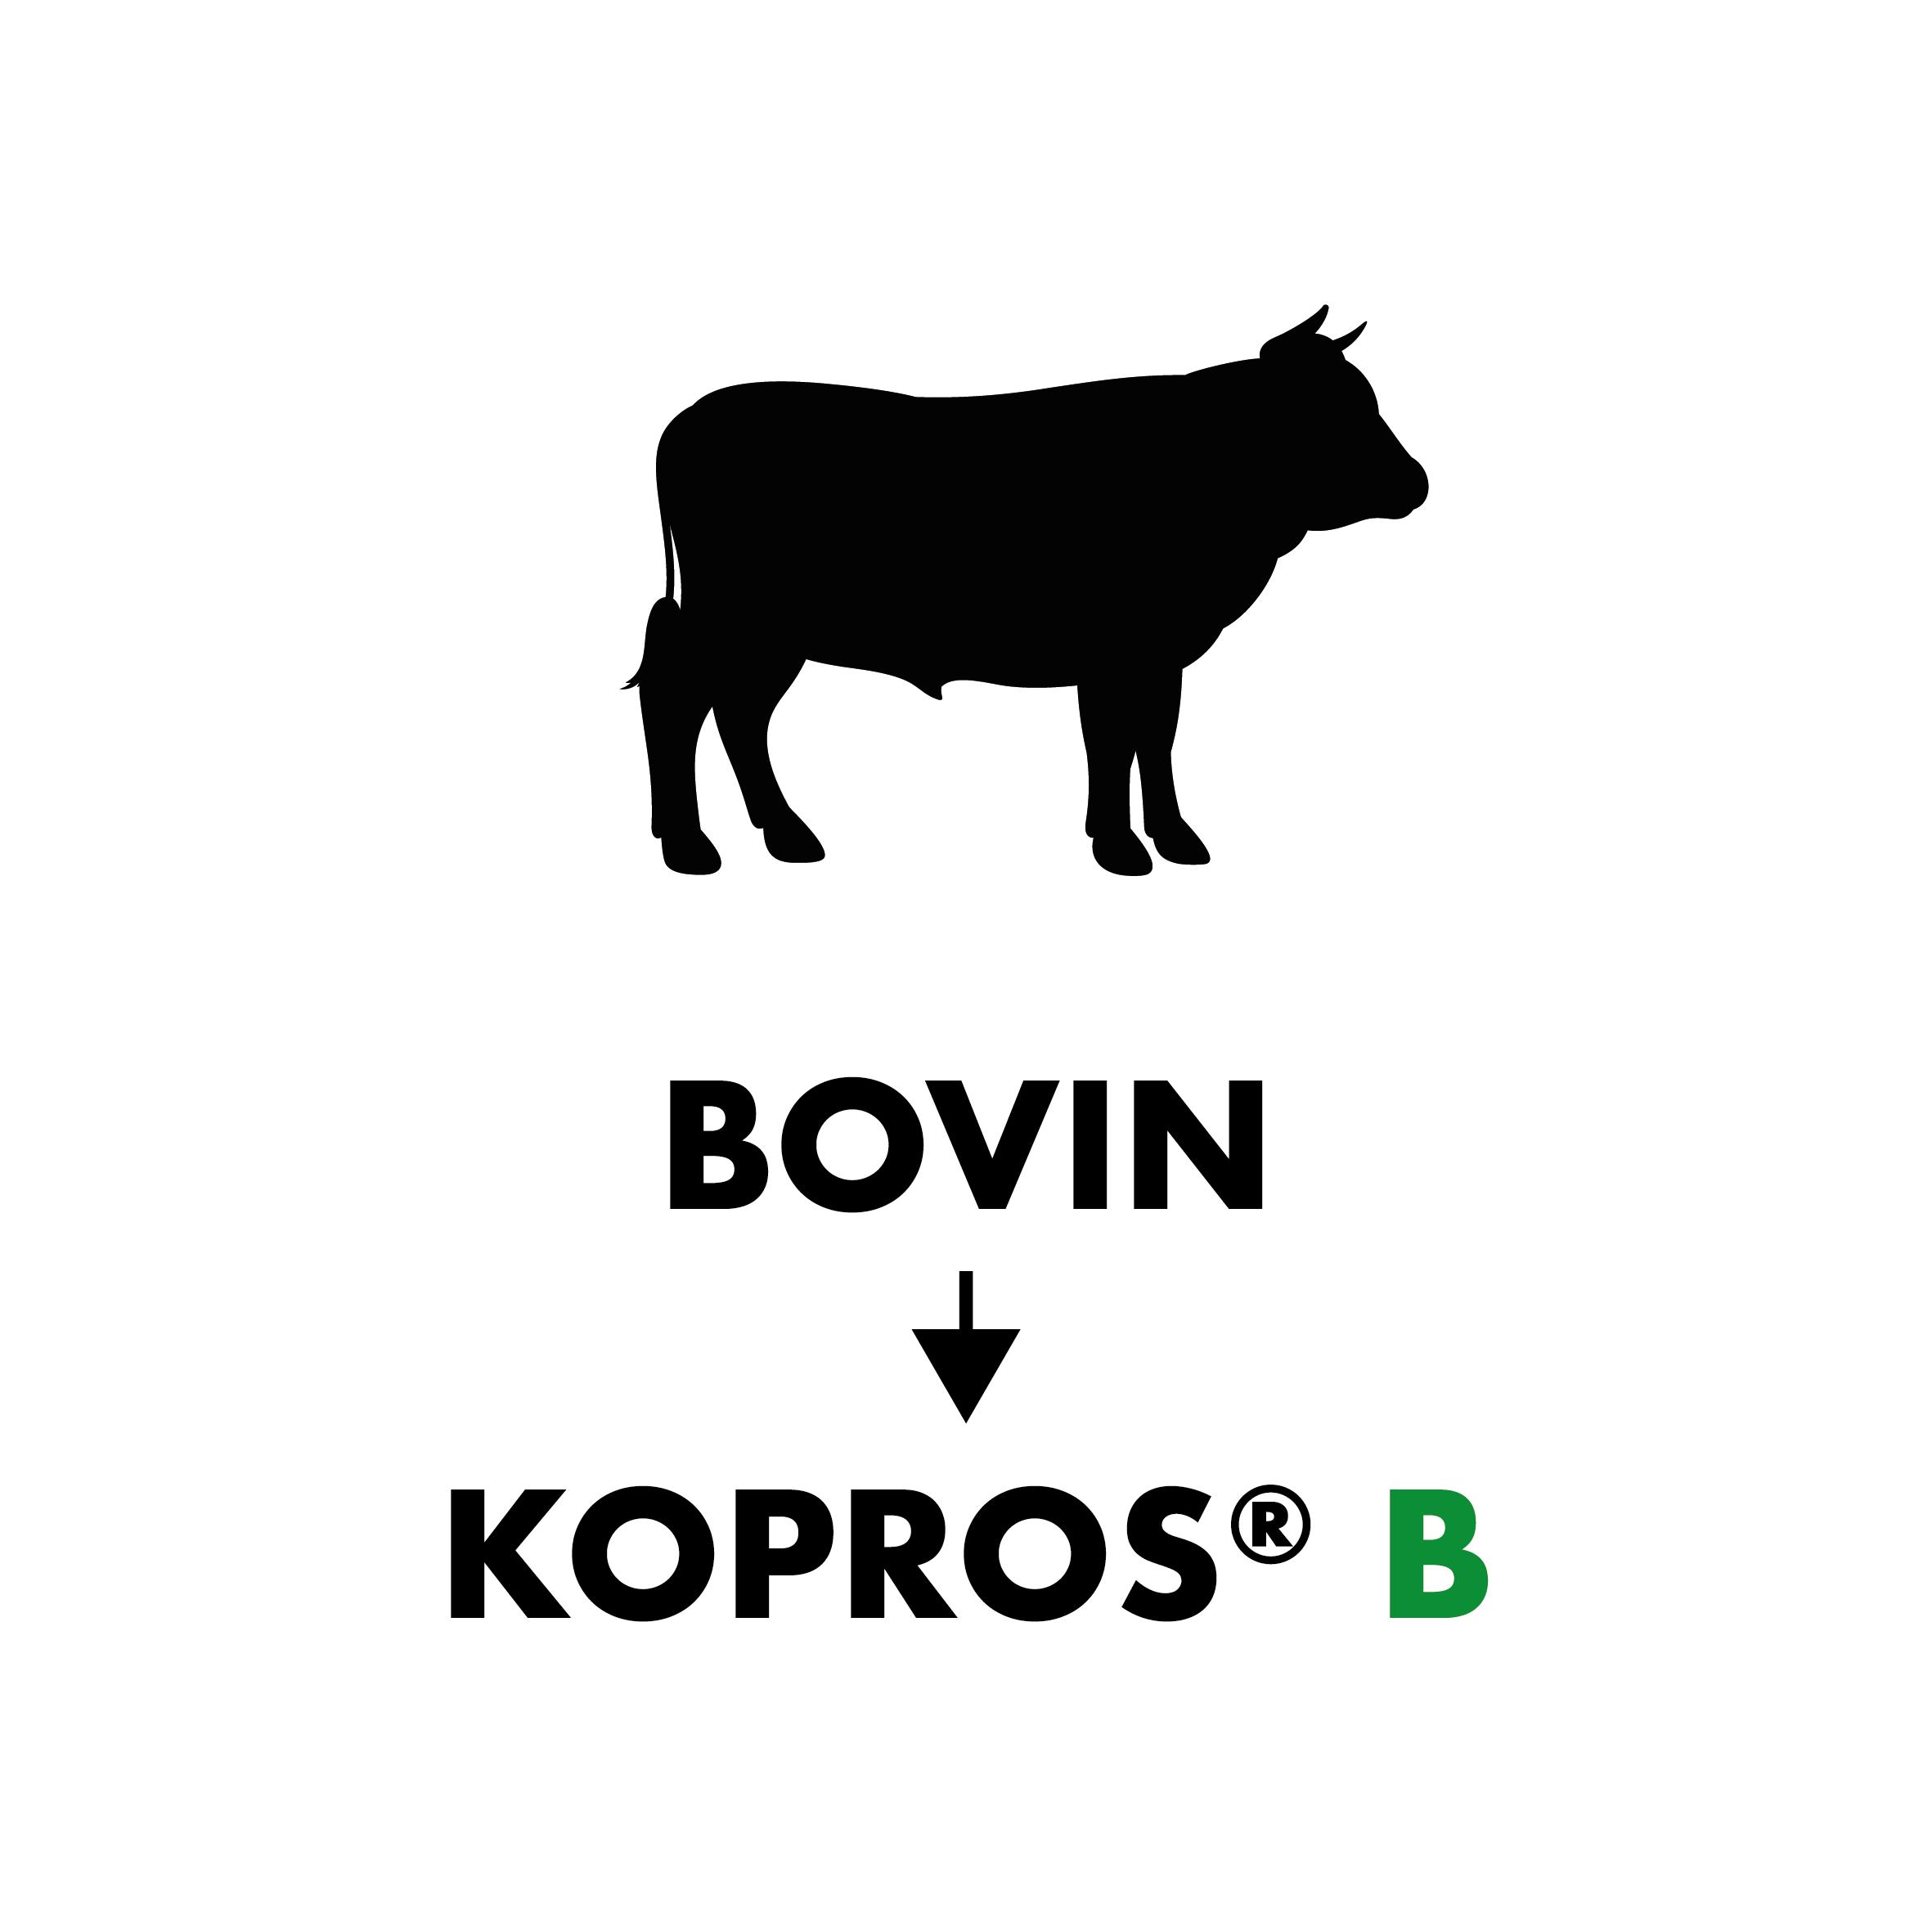 Copie de Bovin